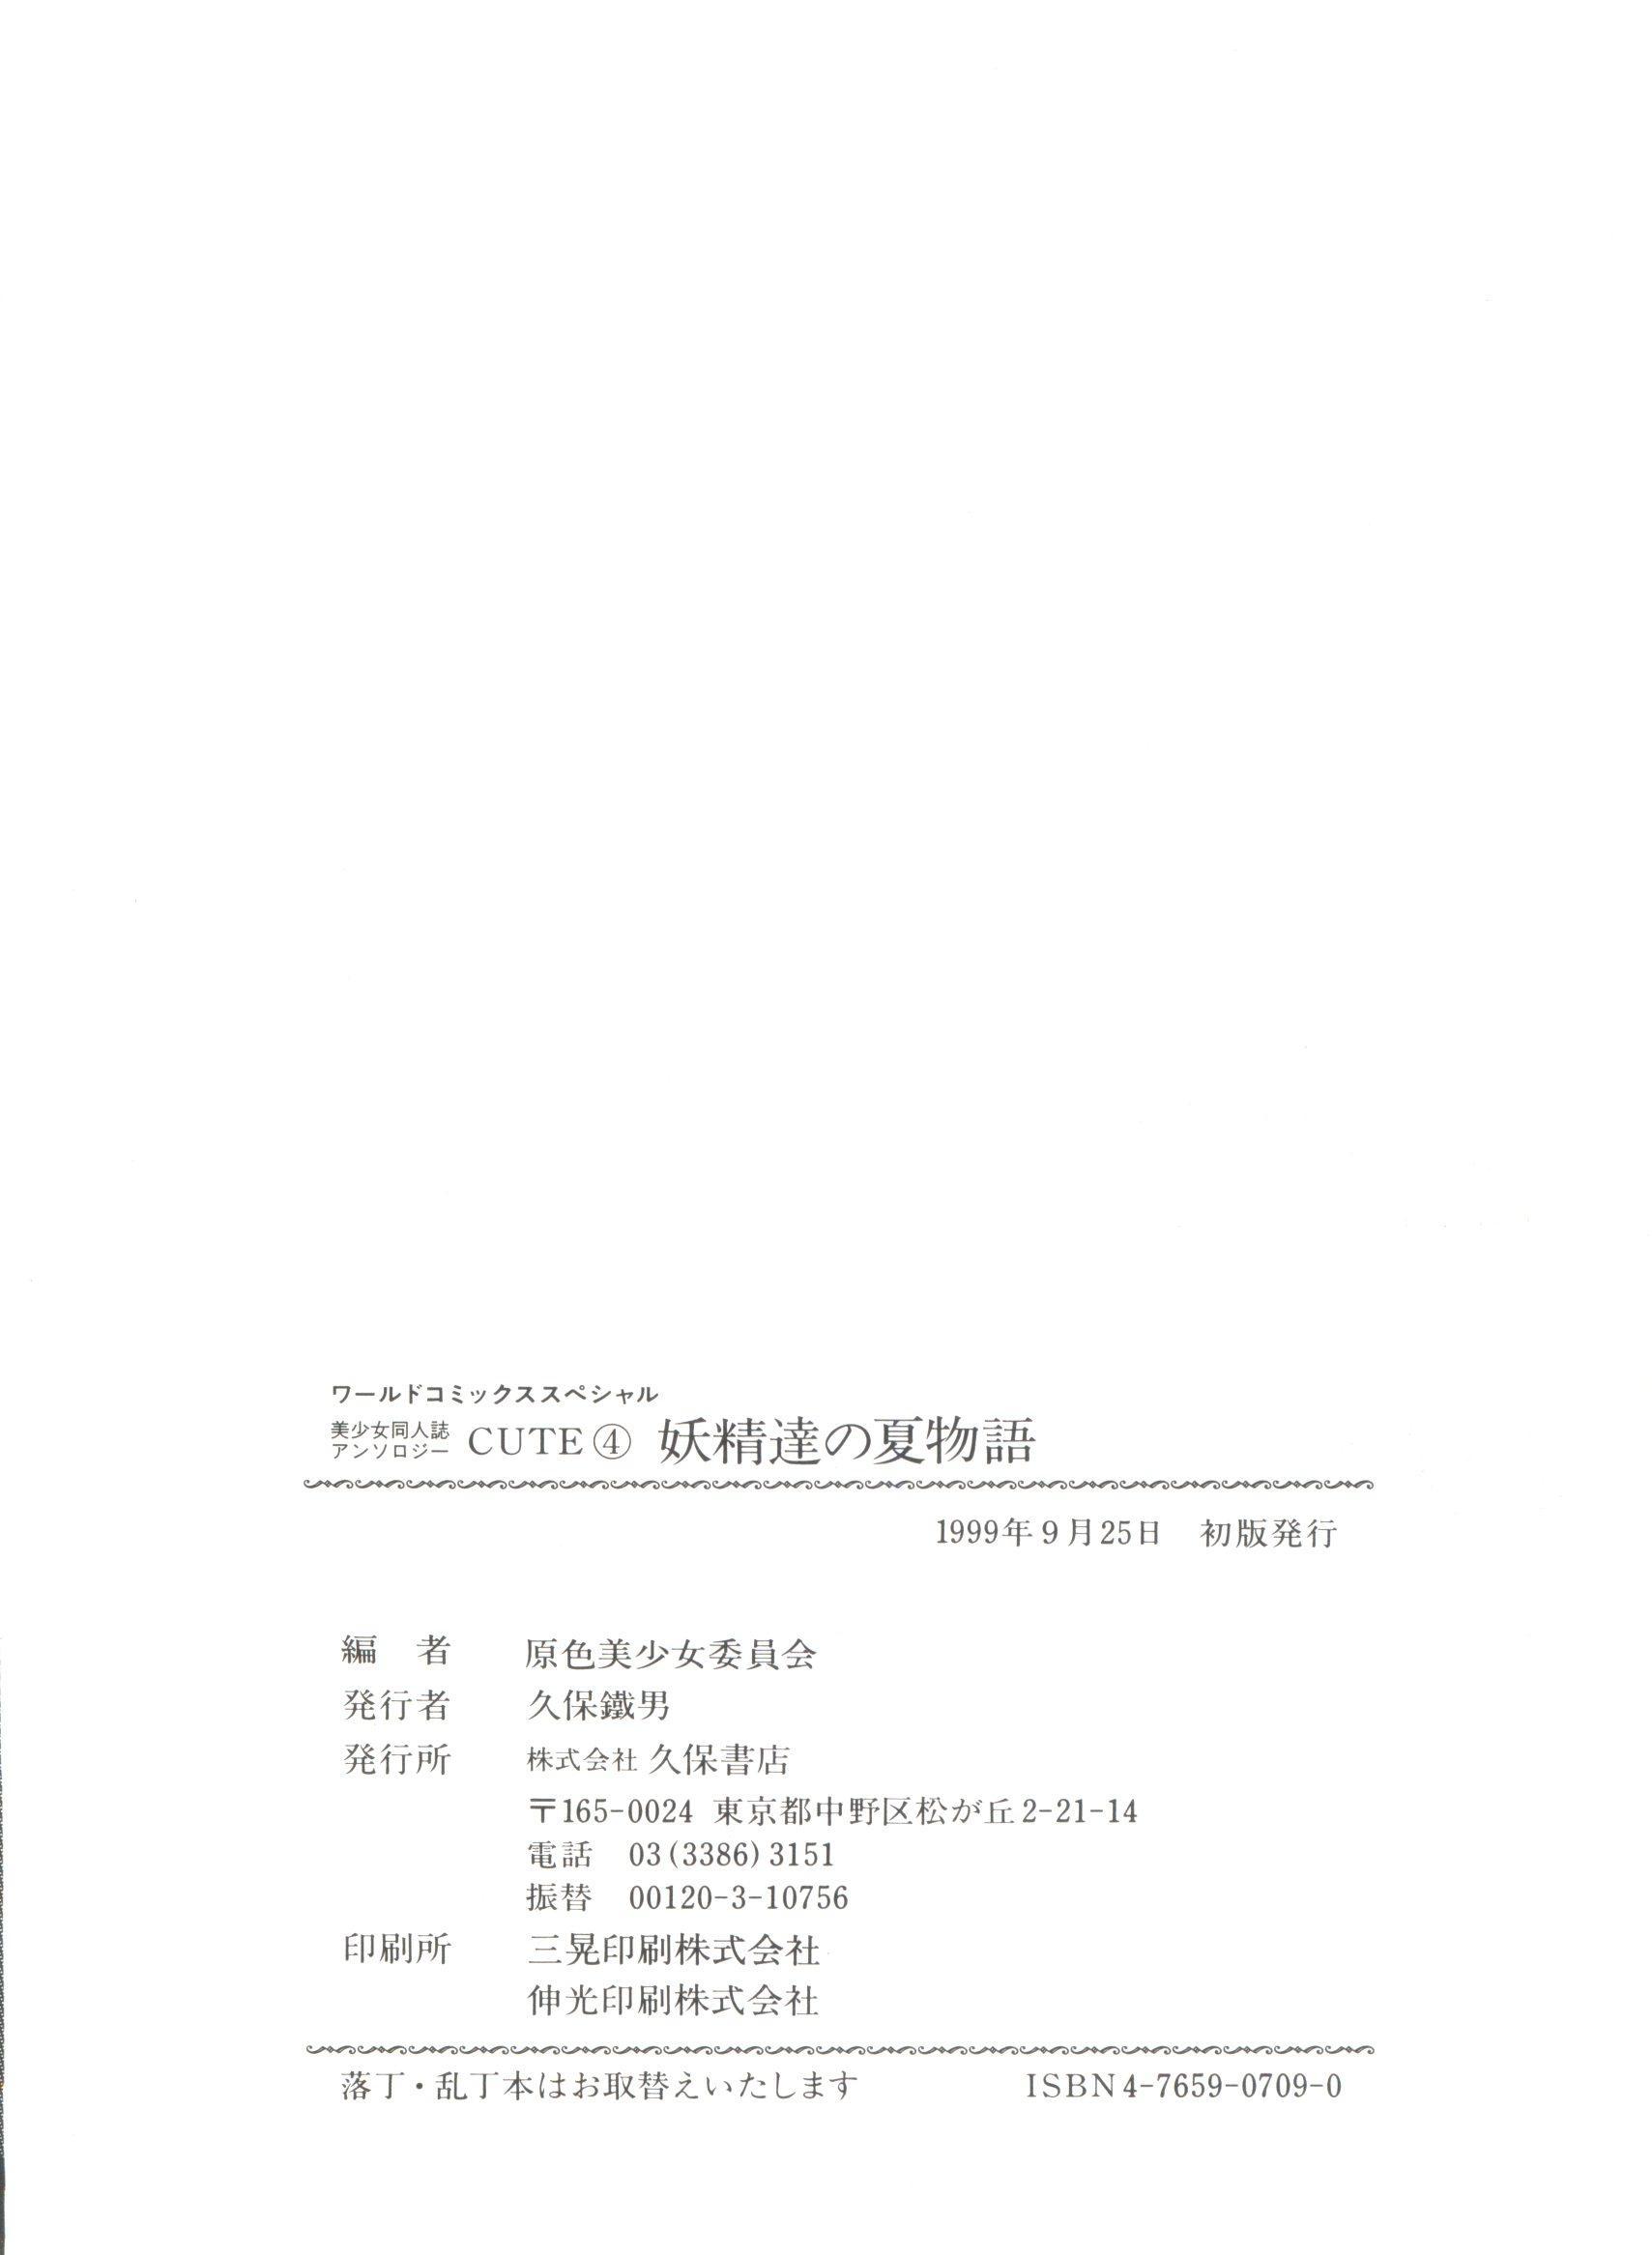 Bishoujo Doujinshi Anthology Cute 4 143